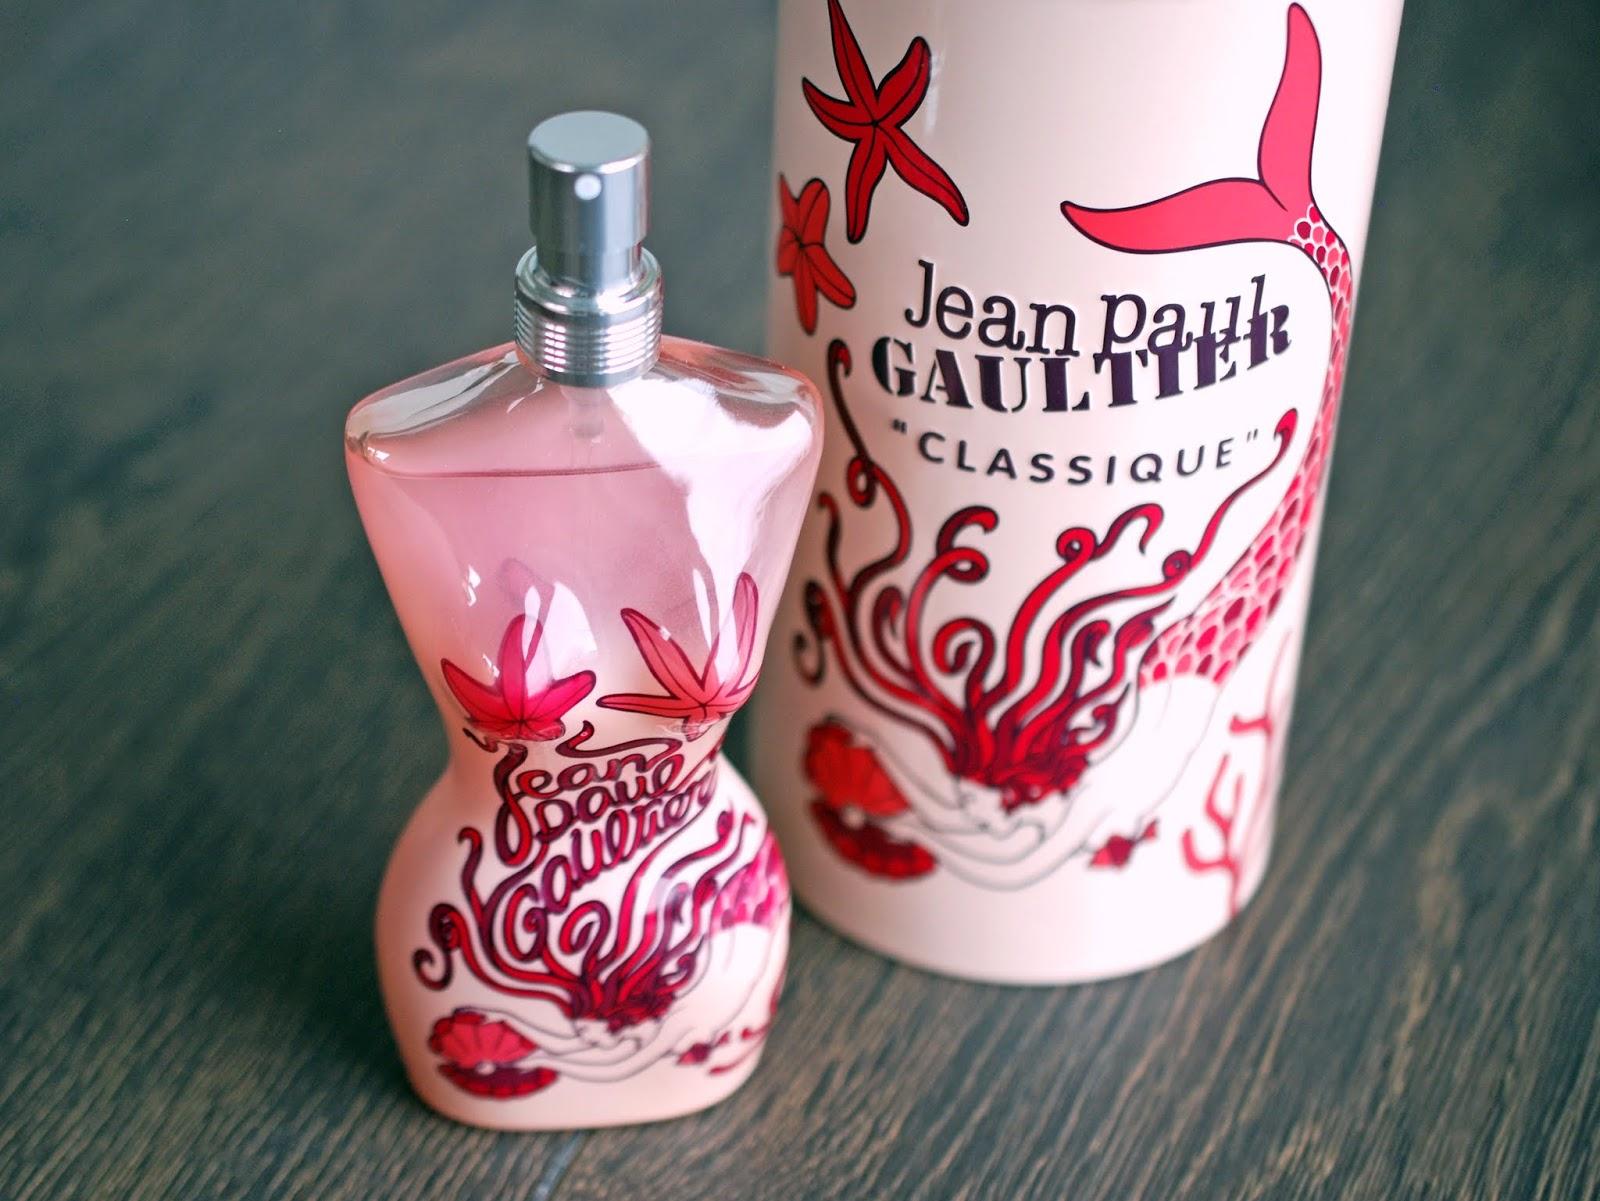 Top 3 Sommerdüfte Jean Paul Gaultier Classique Eau D'Ete Summer Fragrance 2014